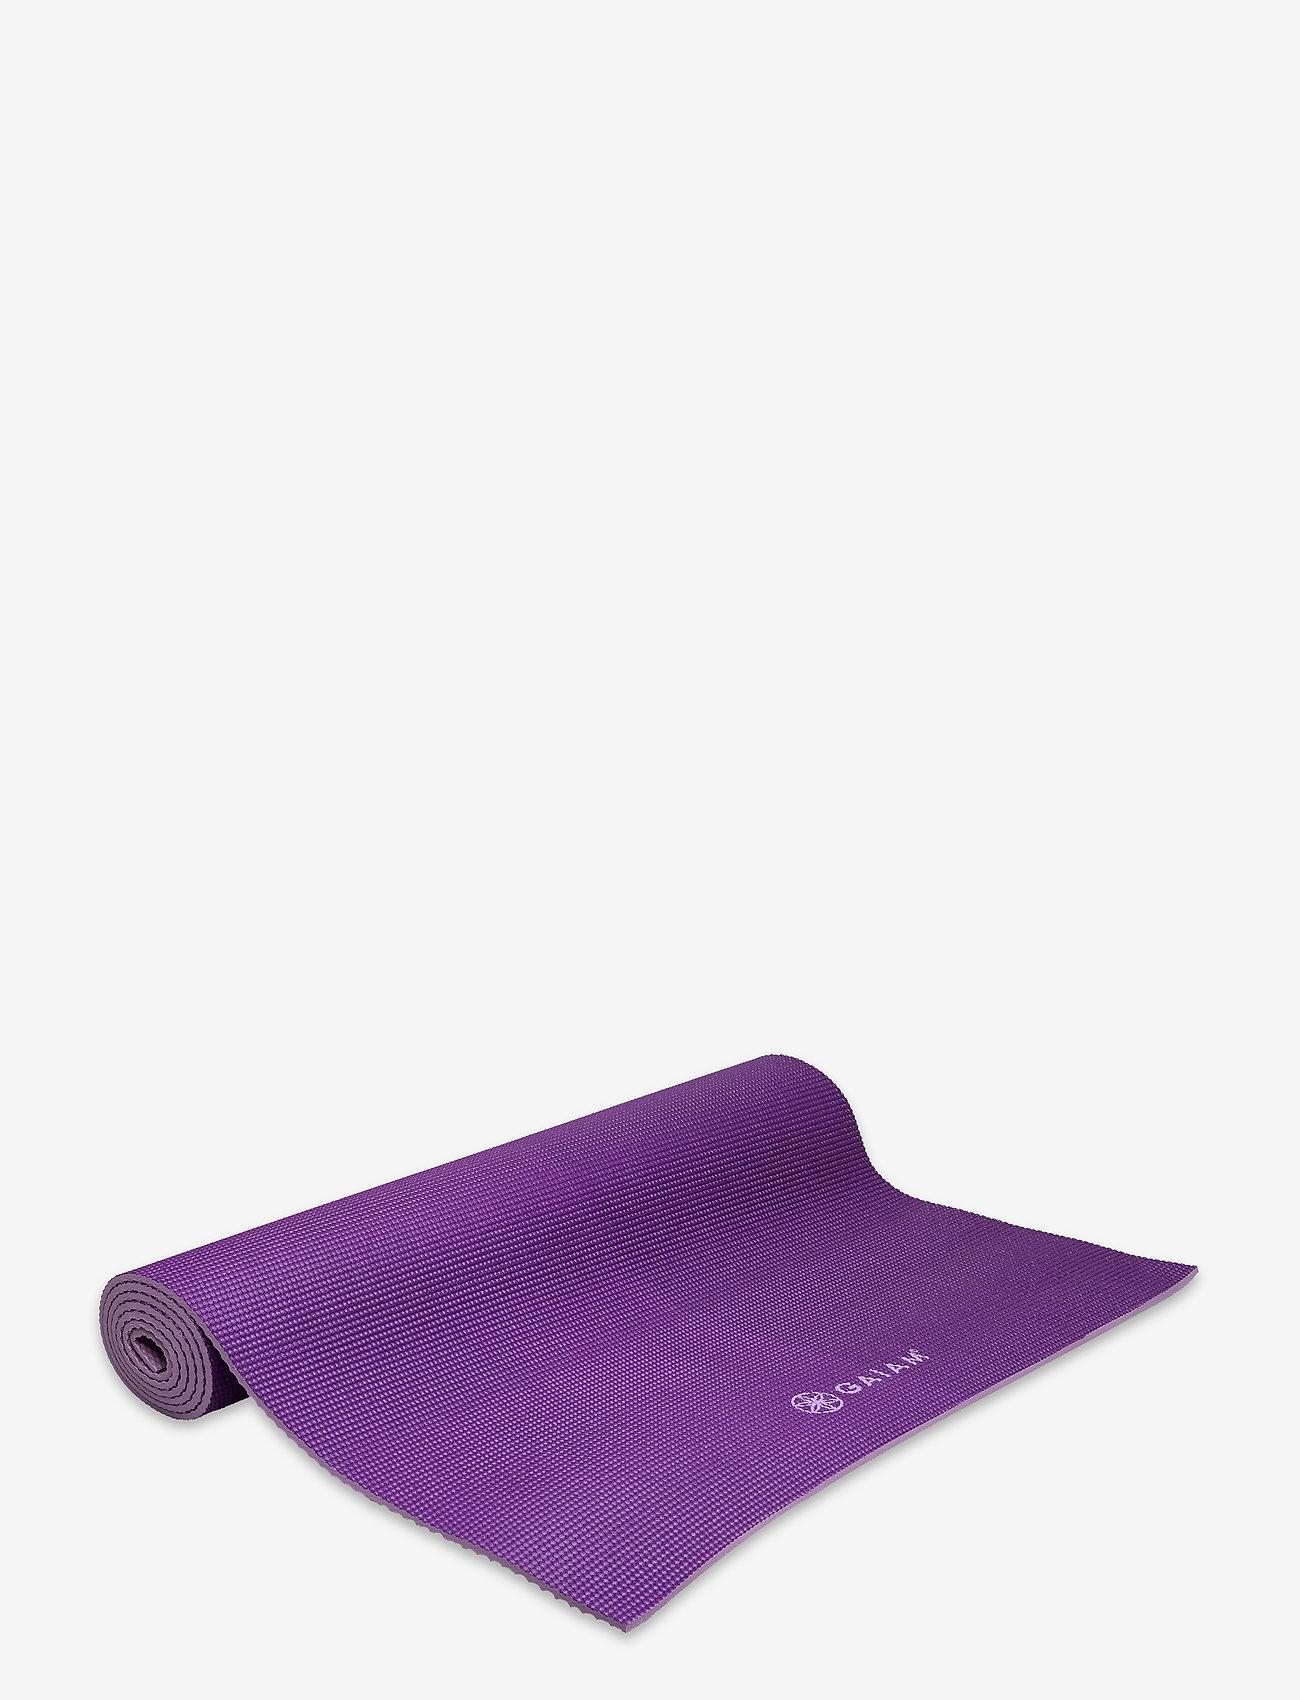 Gaiam - 6mm Yoga Mat Premium 2-Color Plum Jam - yogamatten en -accessoires - purple - 1